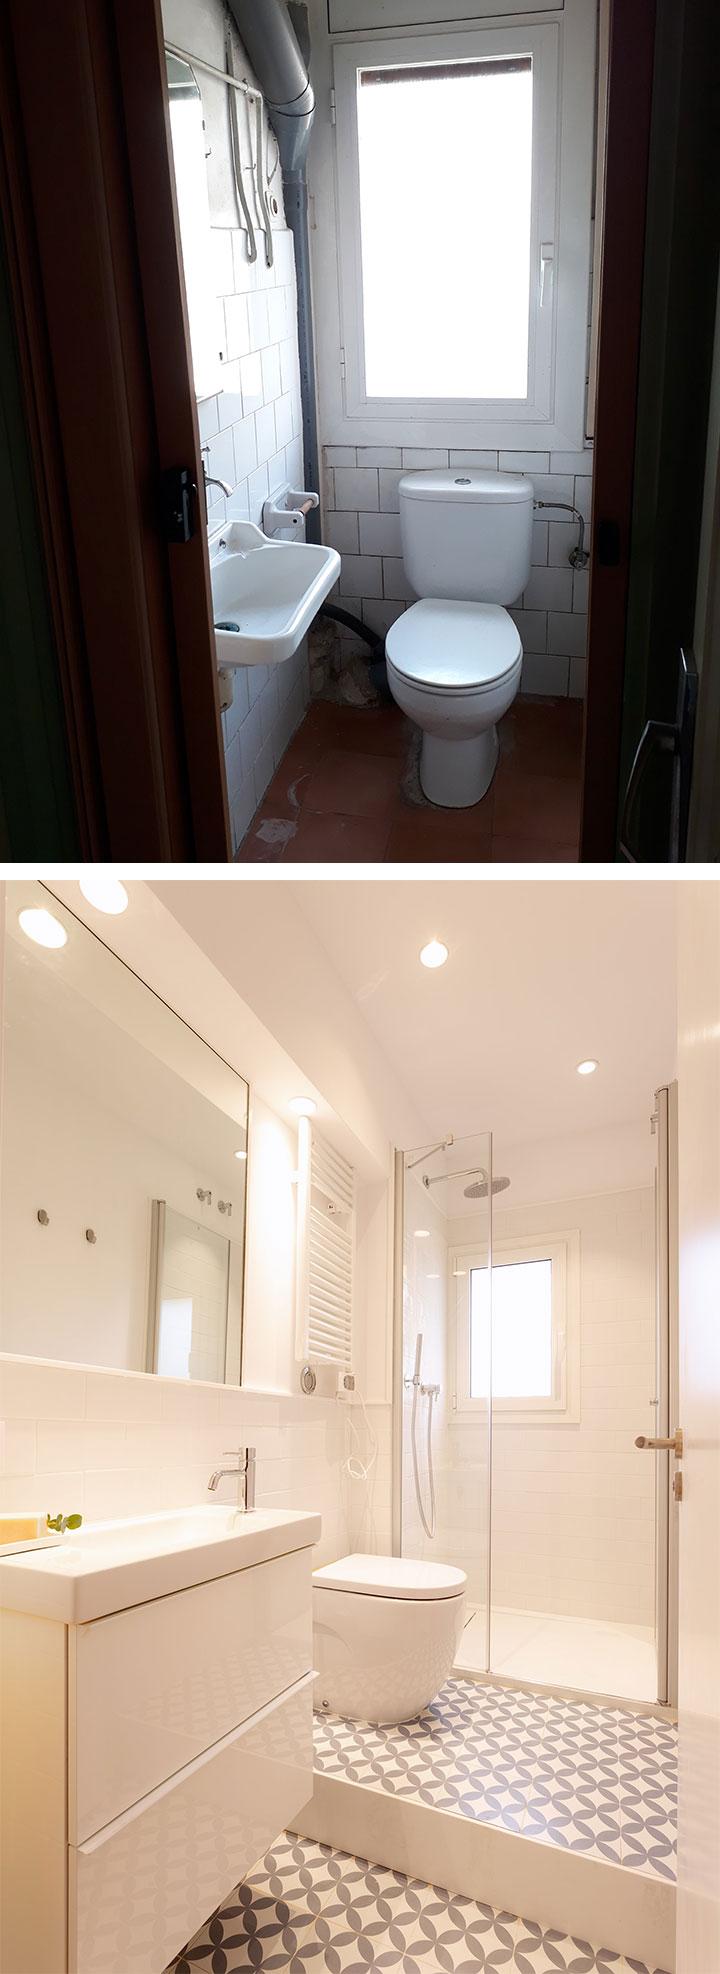 Antes y después de la reforma del cuarto de baño